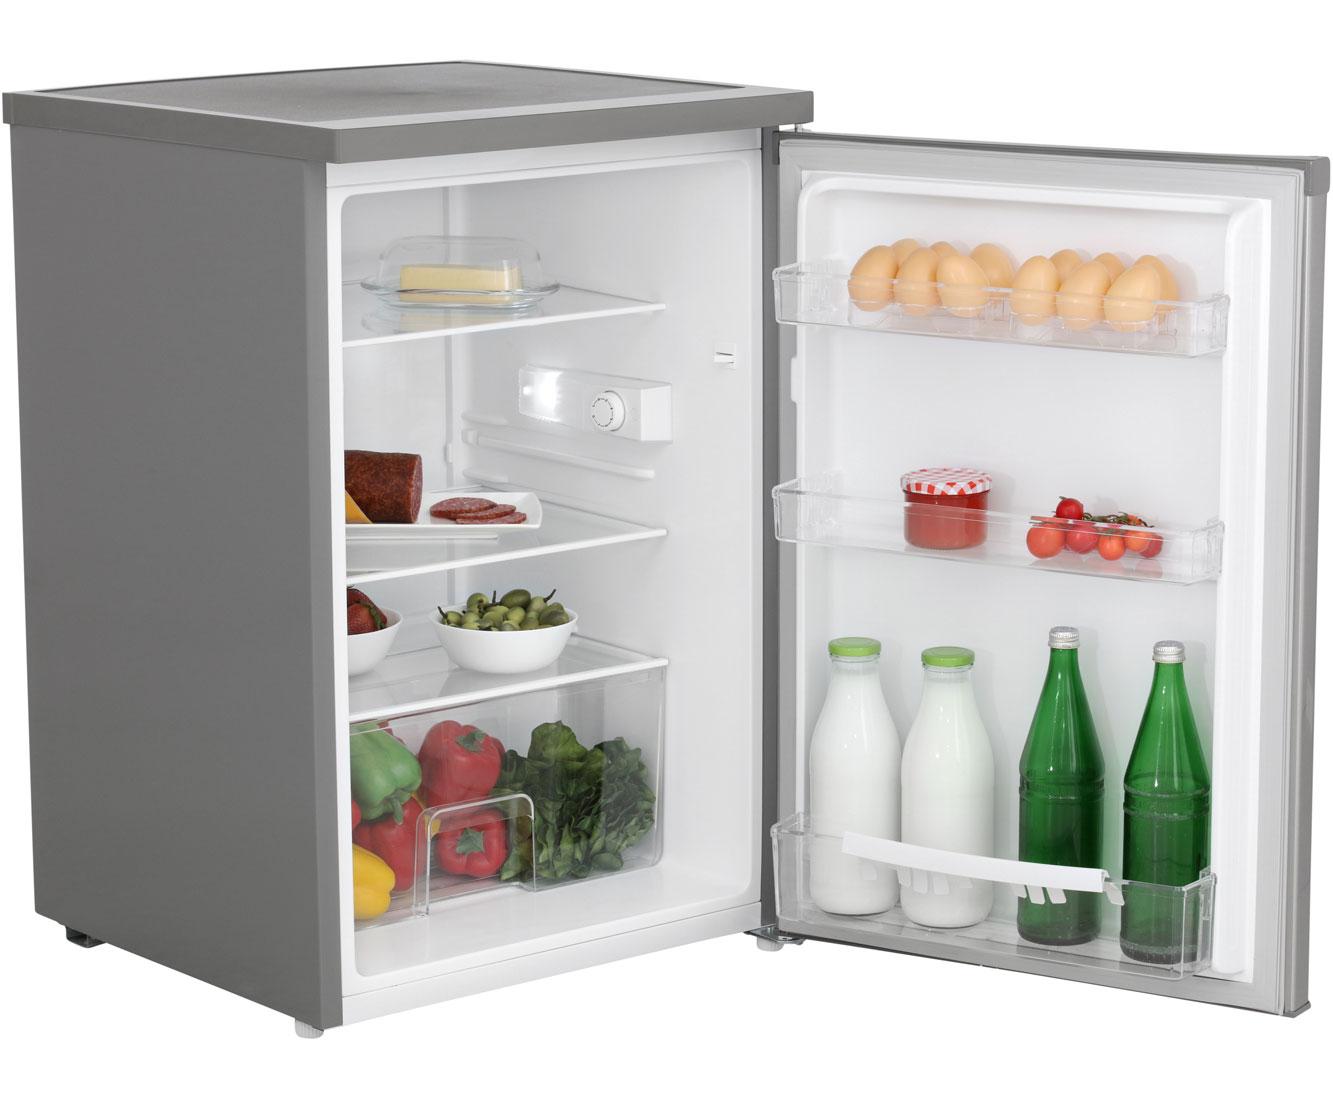 Kühlschrank Von Bomann : Bomann vs kühlschrank weiß a